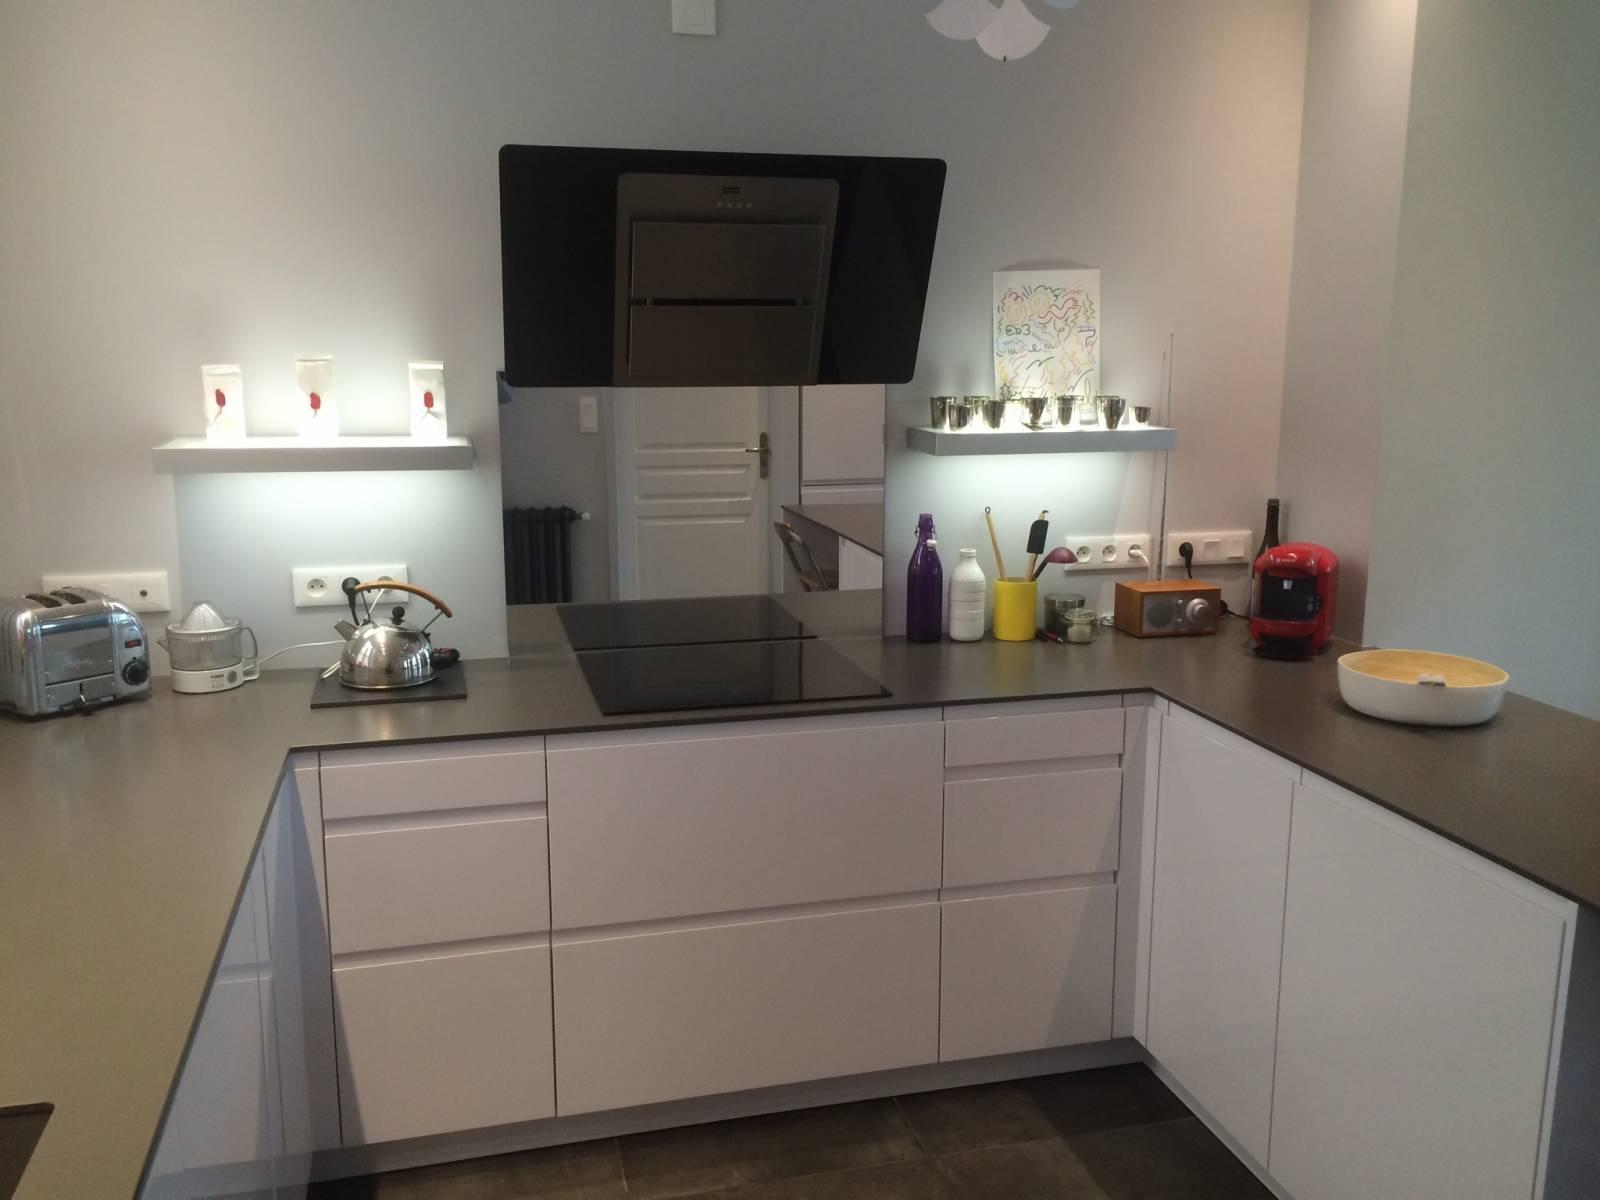 Installer Une Cuisine : Installation d une cuisine équipée à lyon cuisiniste